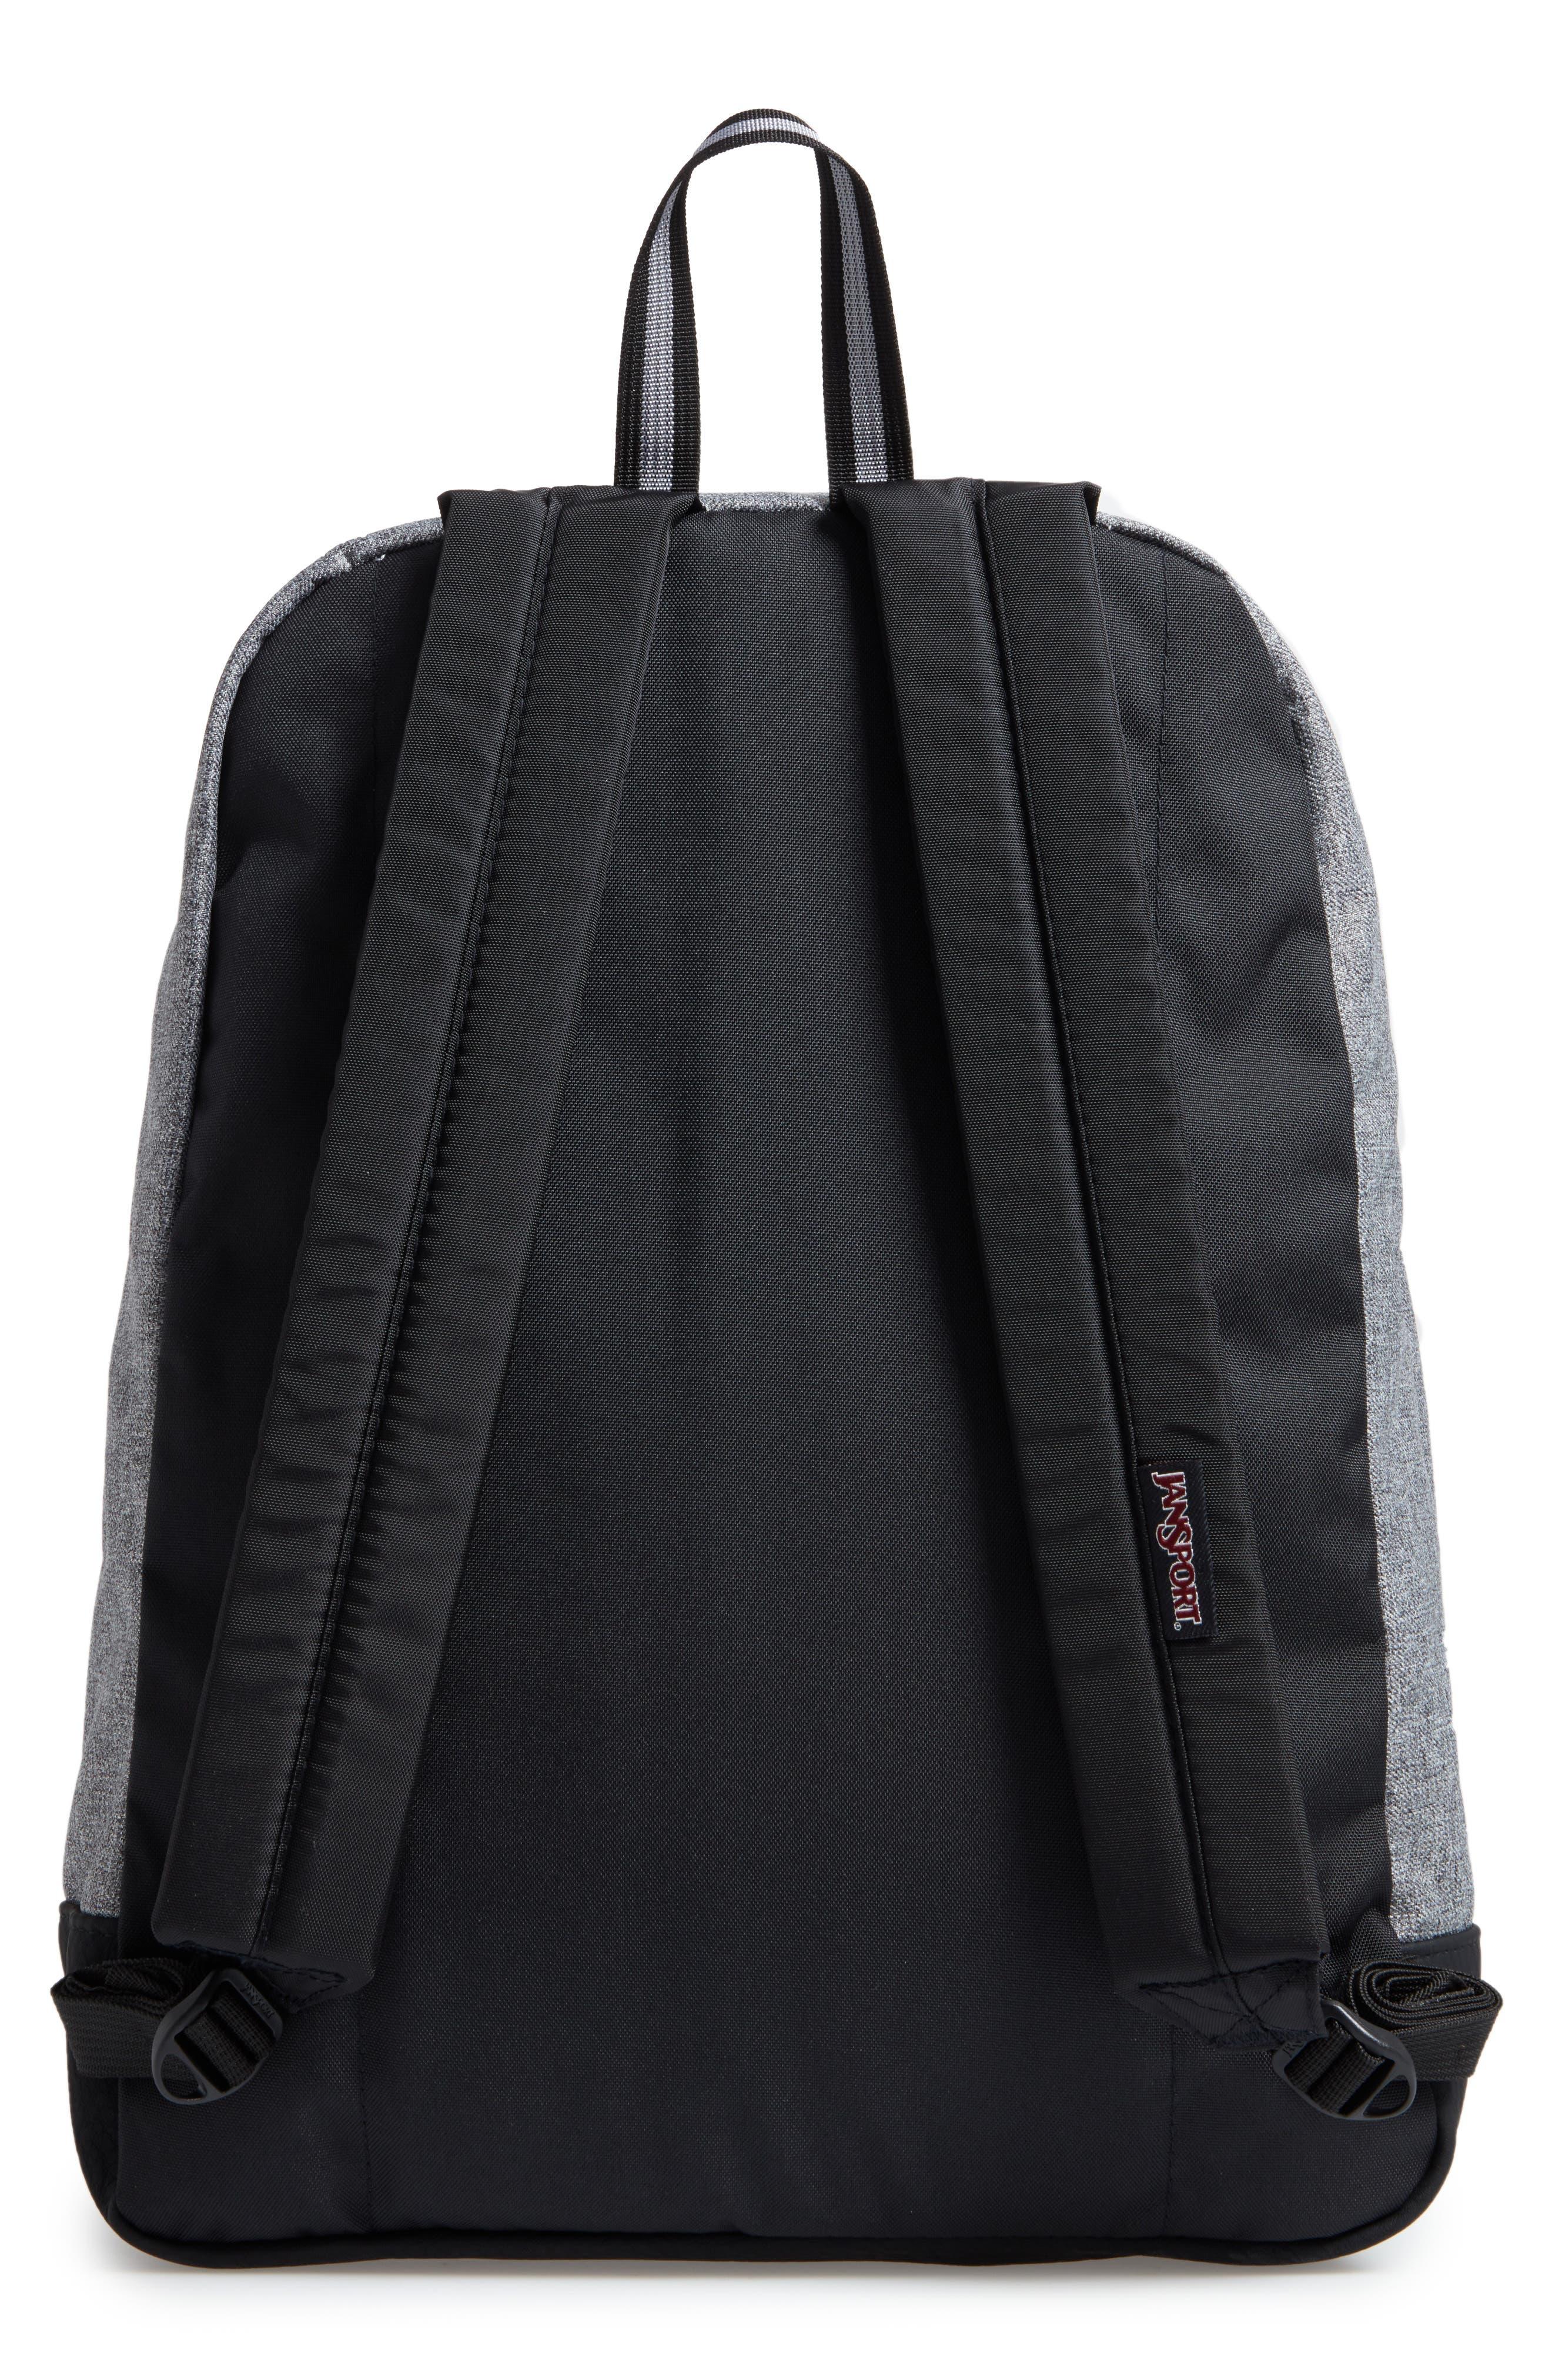 Super FX DL Backpack,                             Alternate thumbnail 3, color,                             001